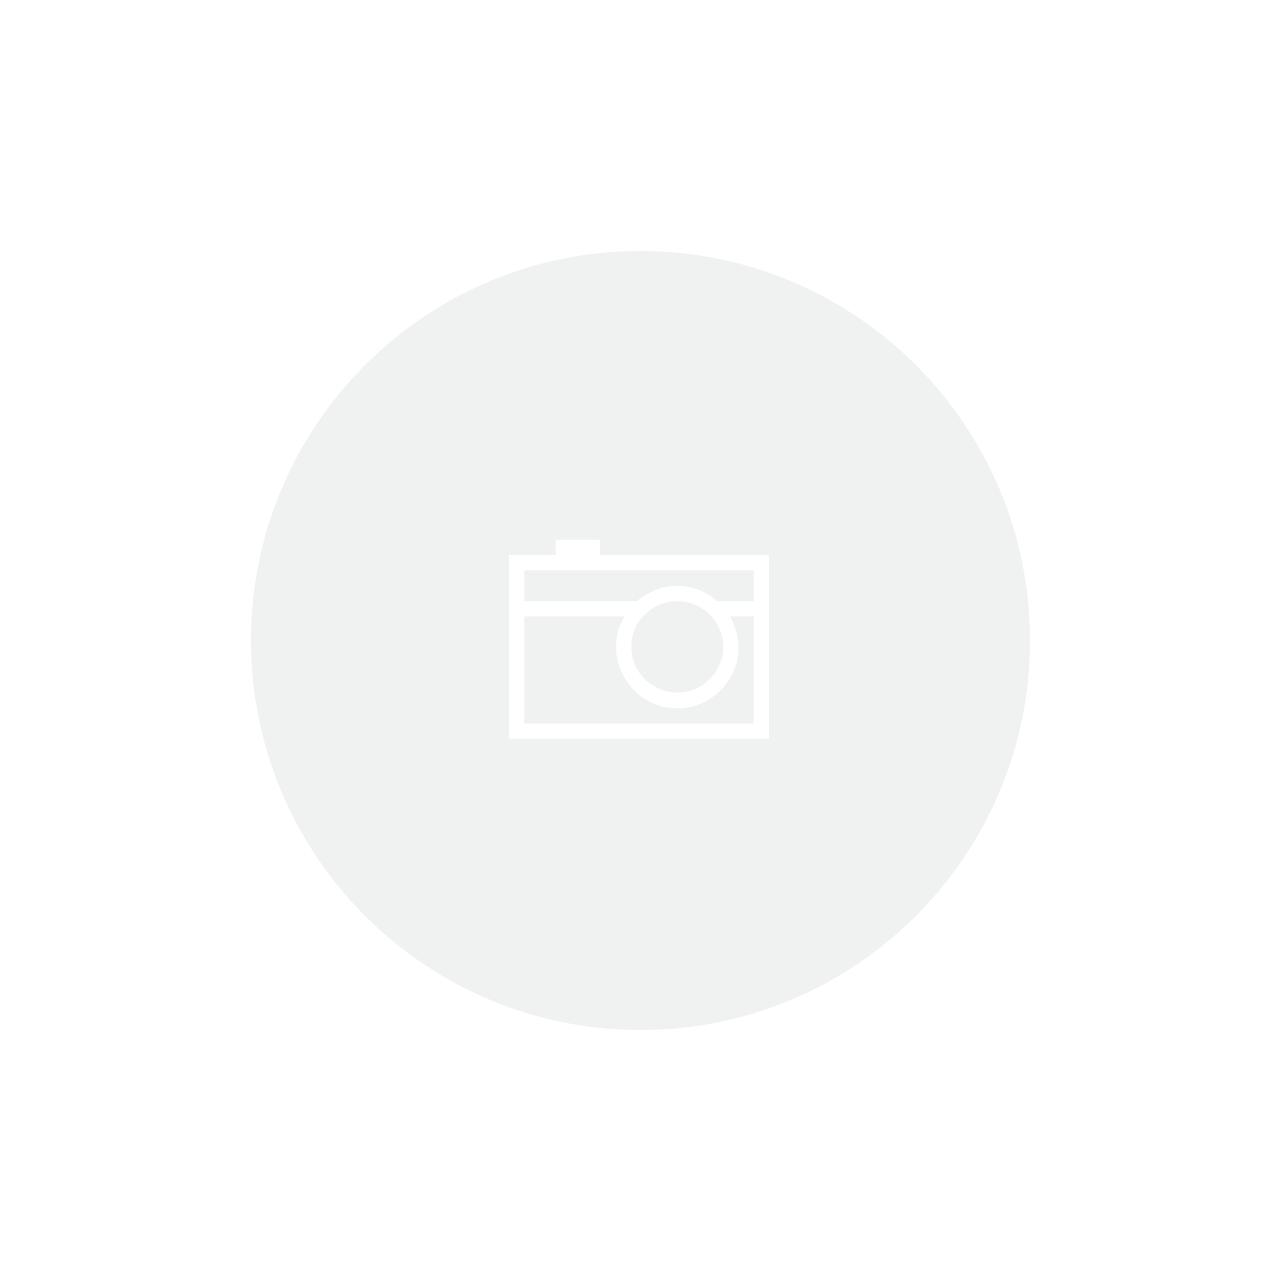 EIXO TRAS/DIANT 14mm GTS GB100 COMPLETO C/ PORCAS E BACIAS